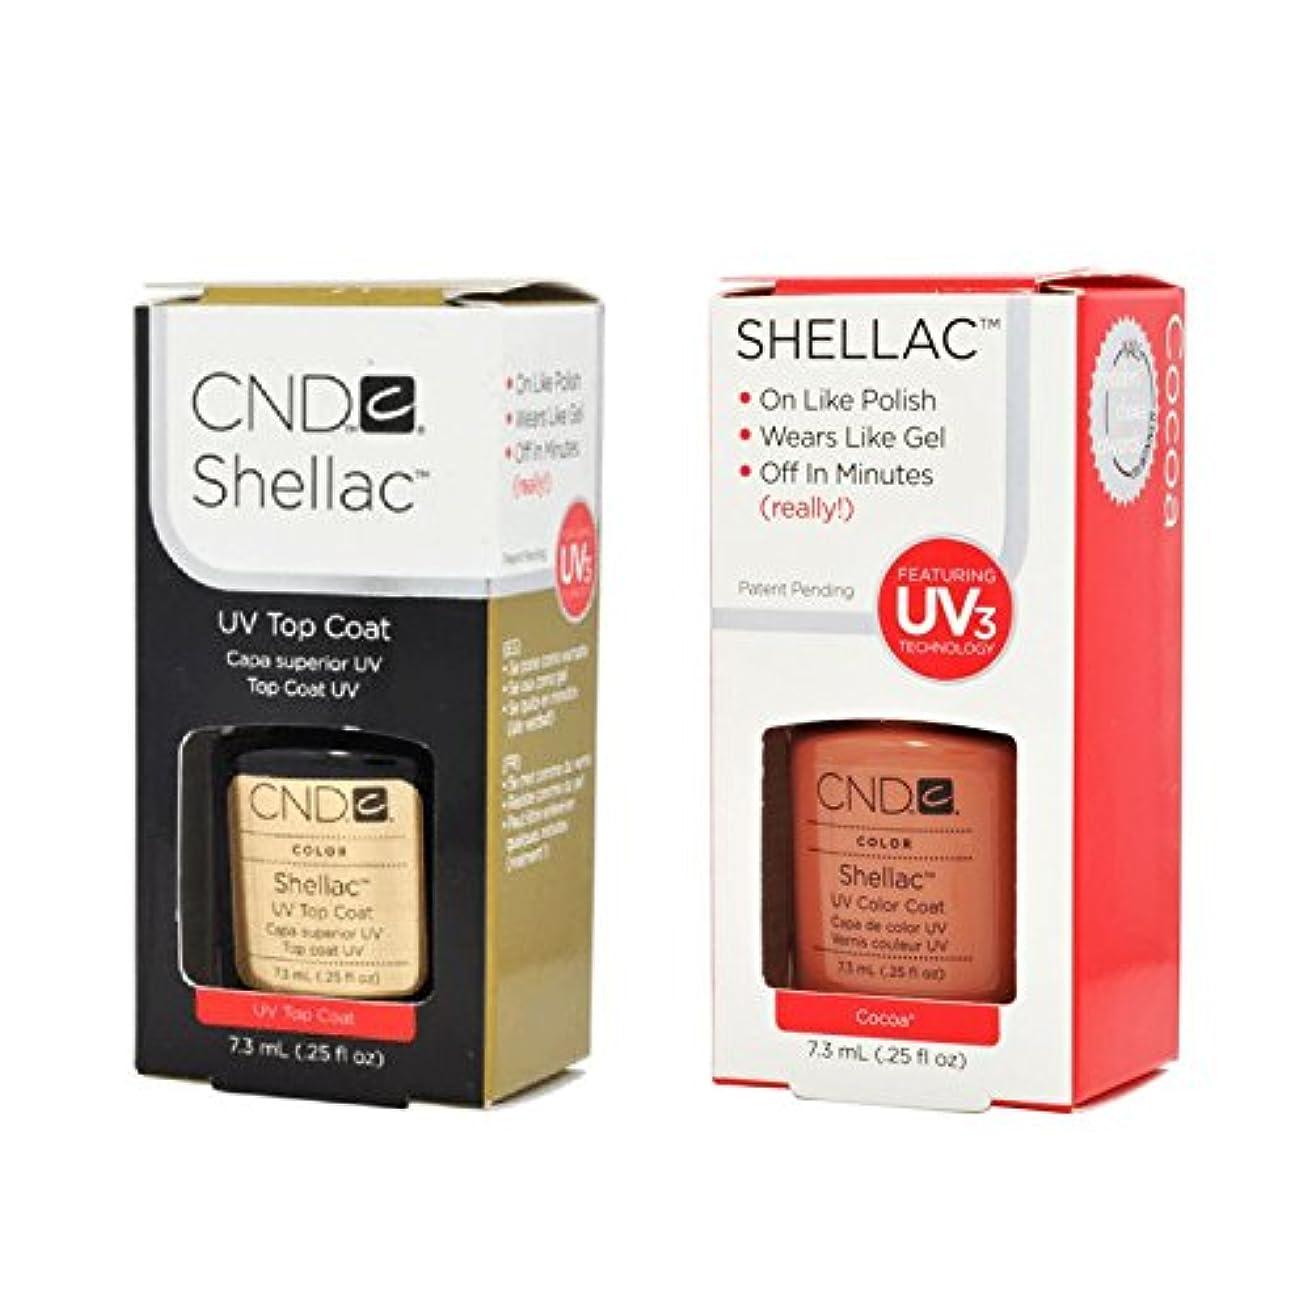 インク修復環境に優しいCND Shellac UVトップコート 7.3m l  &  UV カラーコー< Cocoa > 7.3ml [海外直送品]